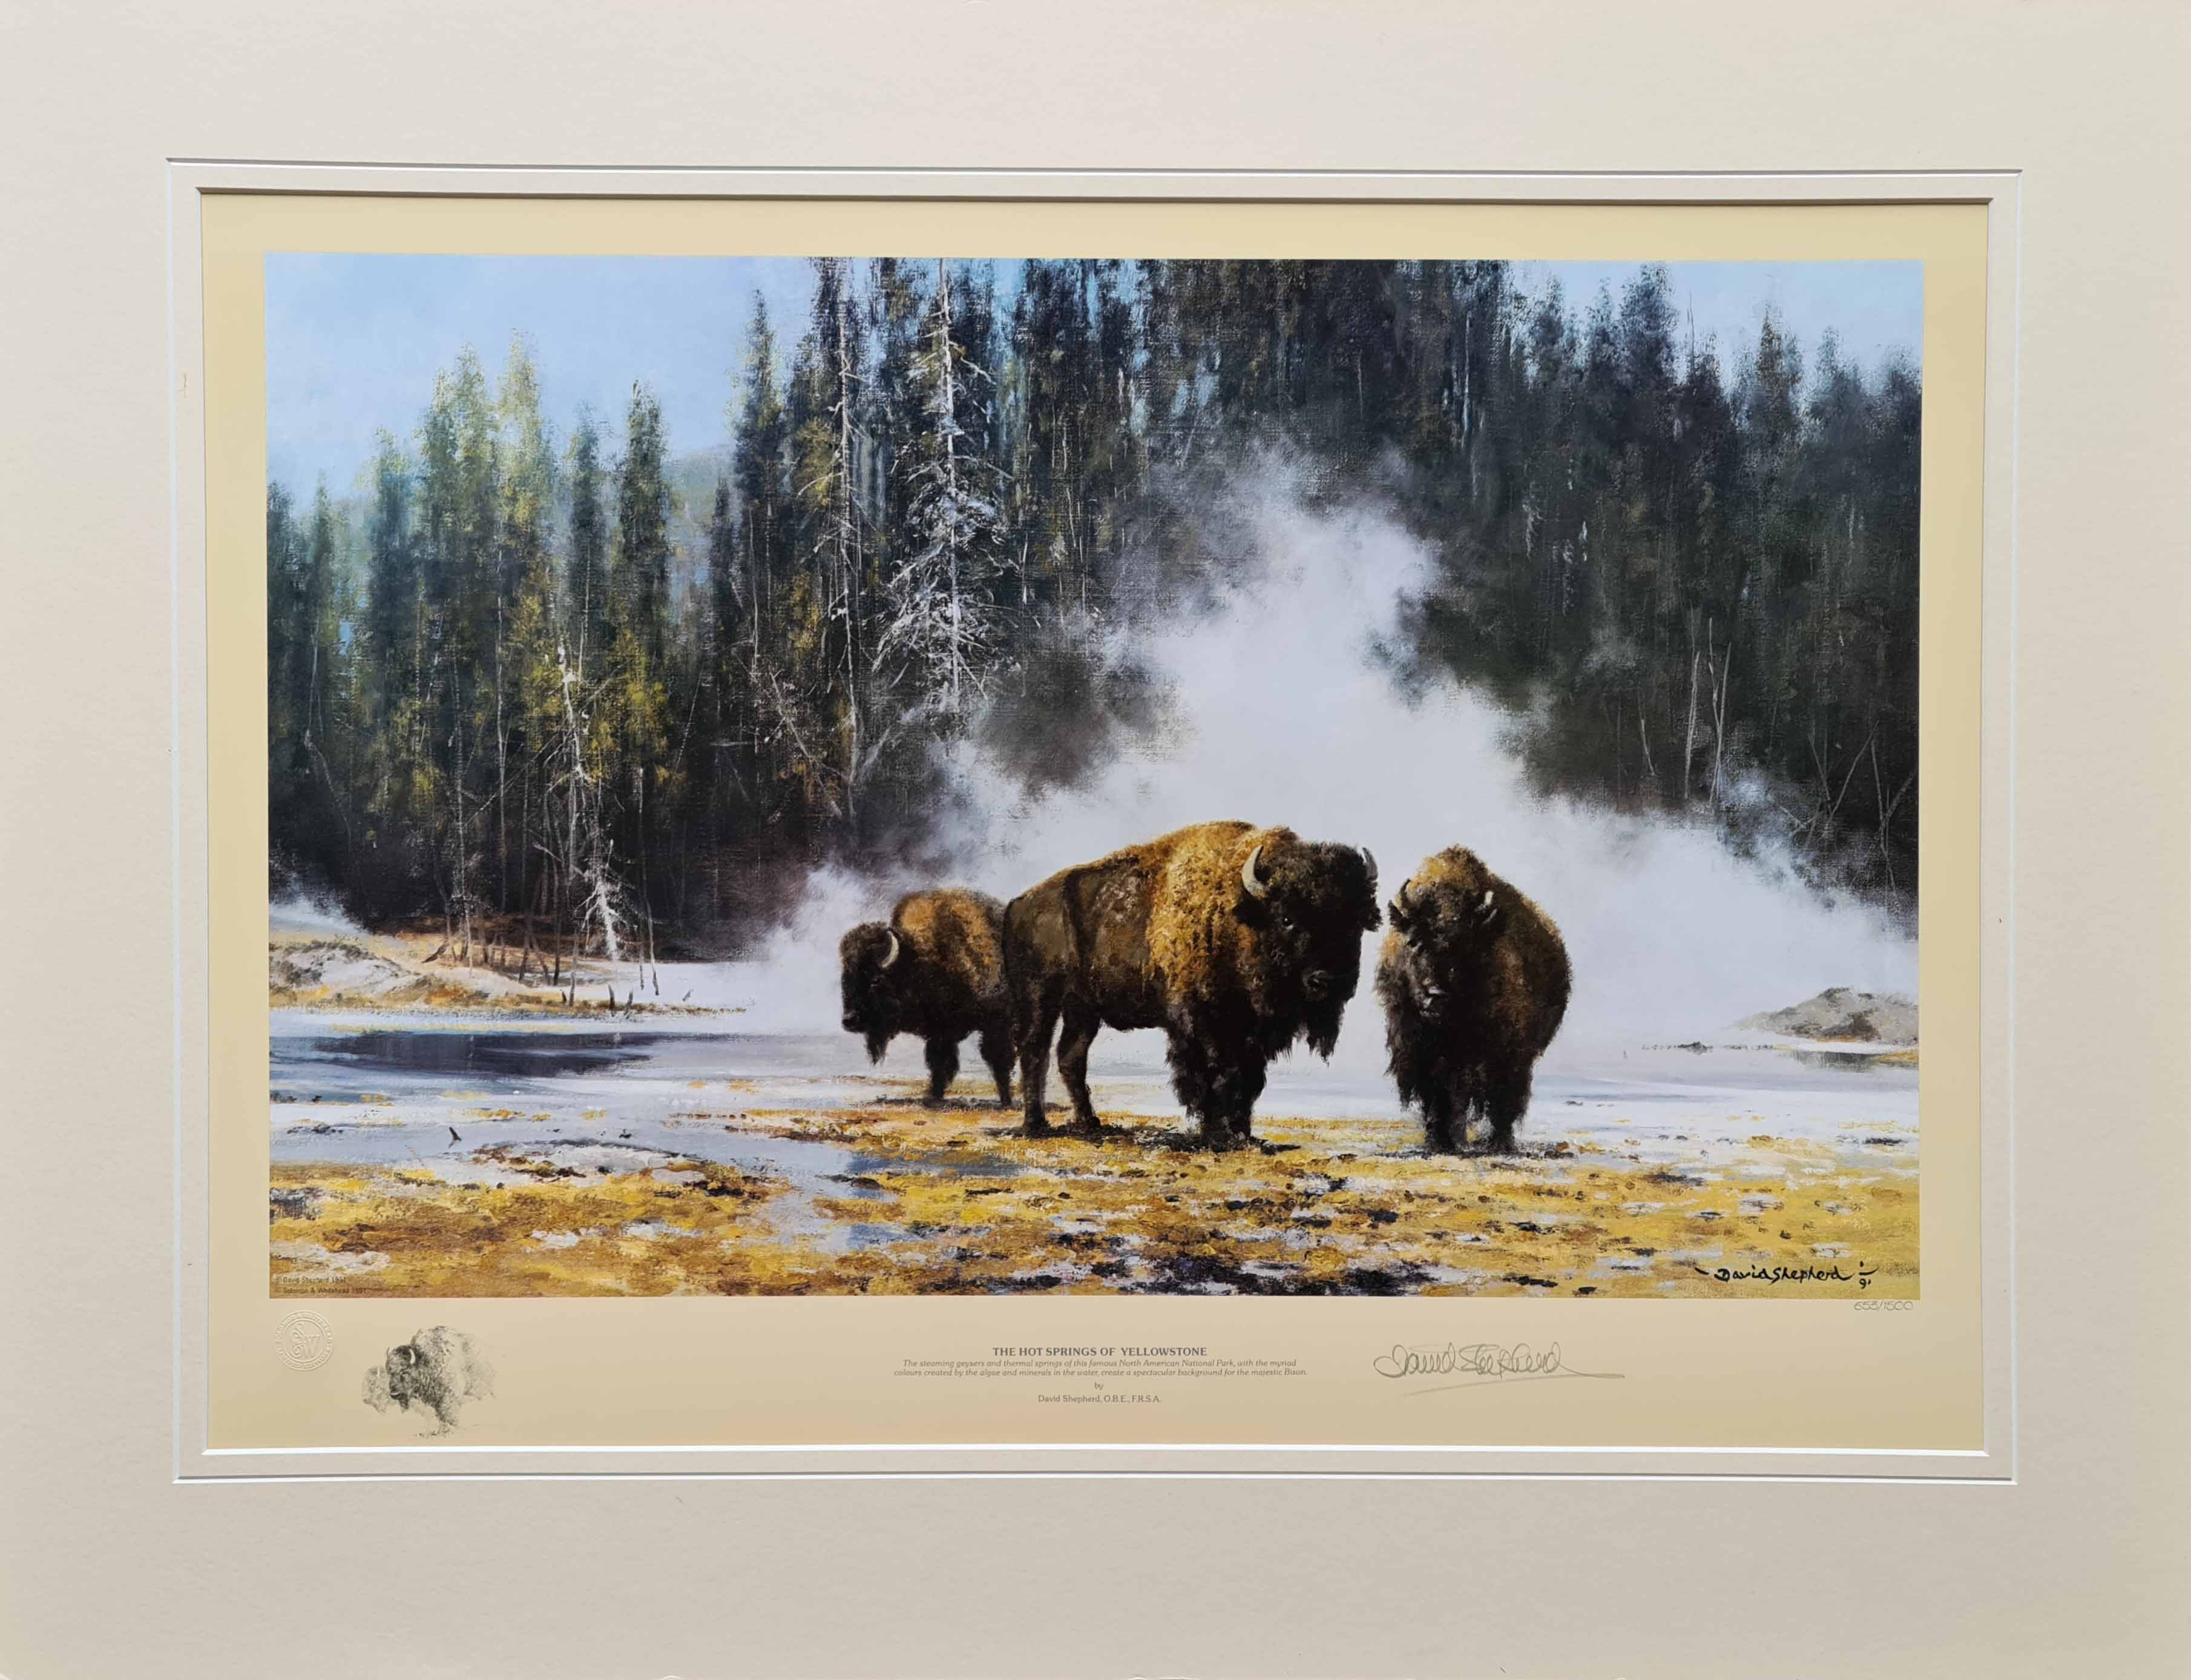 david shepherd, Bison, hotsprings of Yellowstone